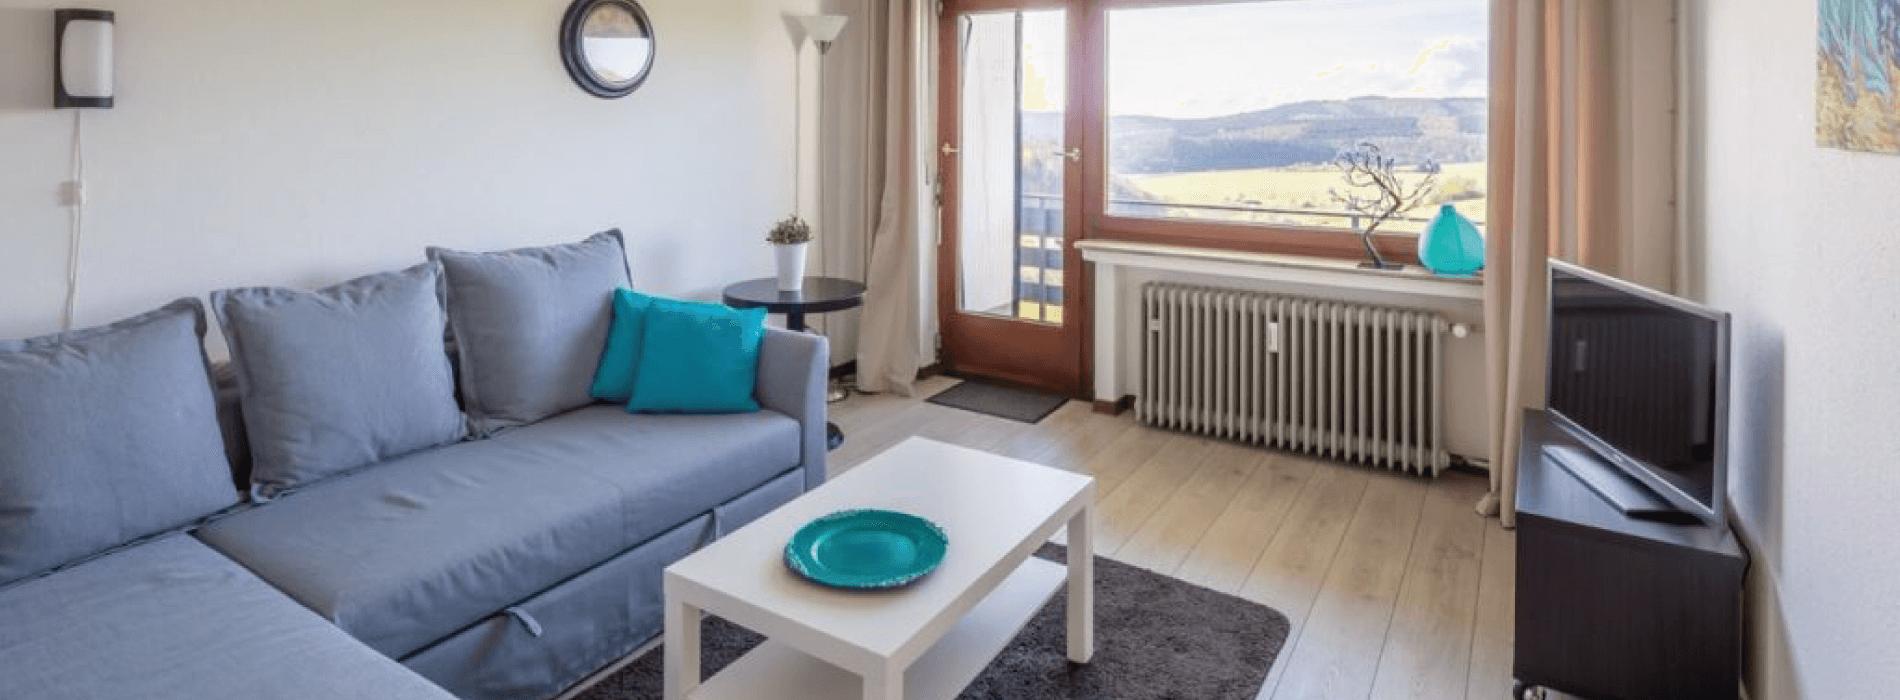 Haus-wunderberg-2-tot-4-persoons-vakantie-appartement-medebach-willingen-winterberg-mtb-skien-wandelen-hoch-sauerland-2